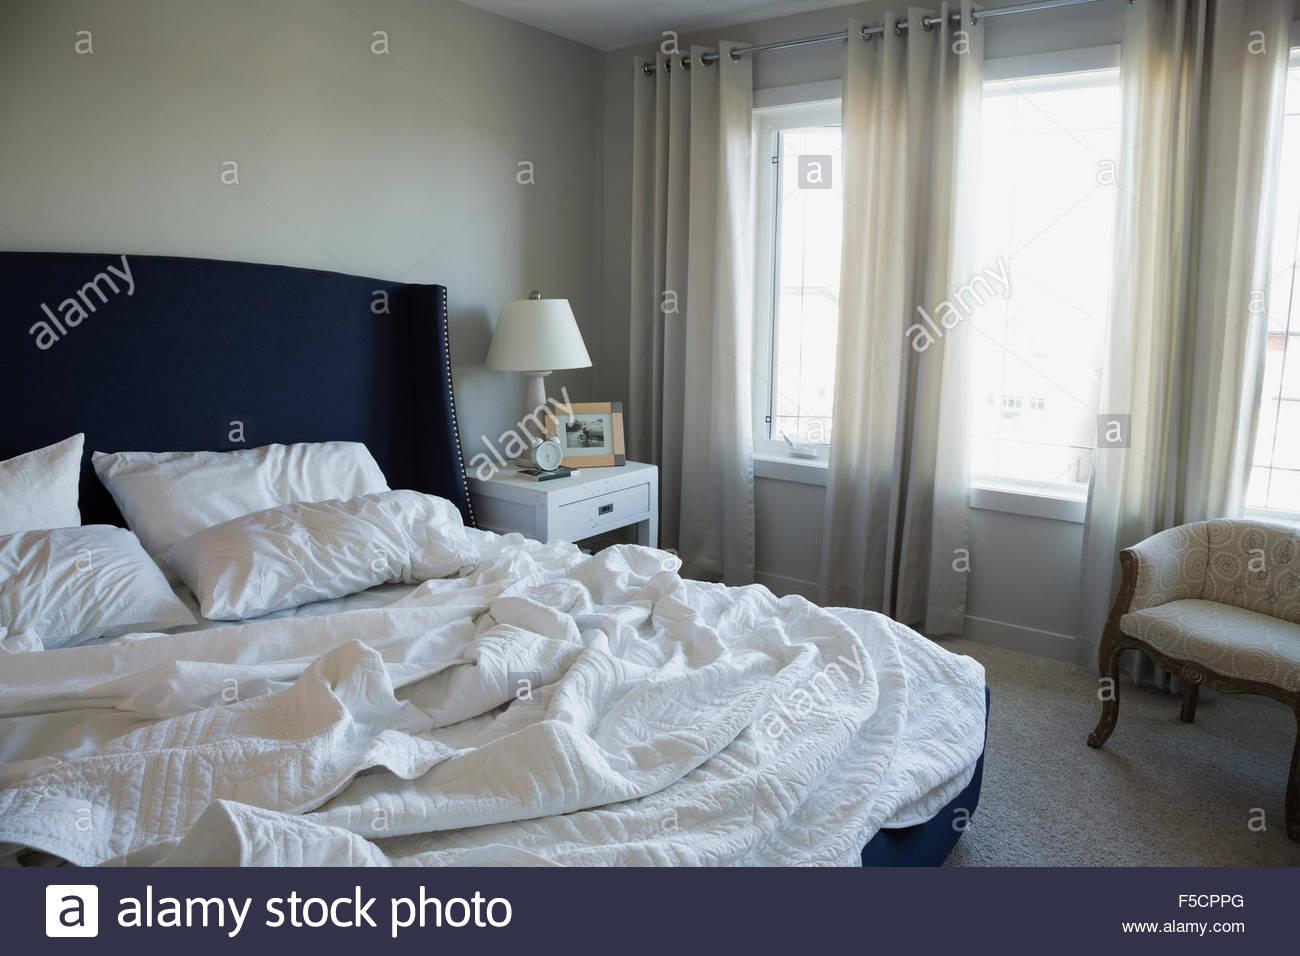 Deshacen la cama en el dormitorio Imagen De Stock